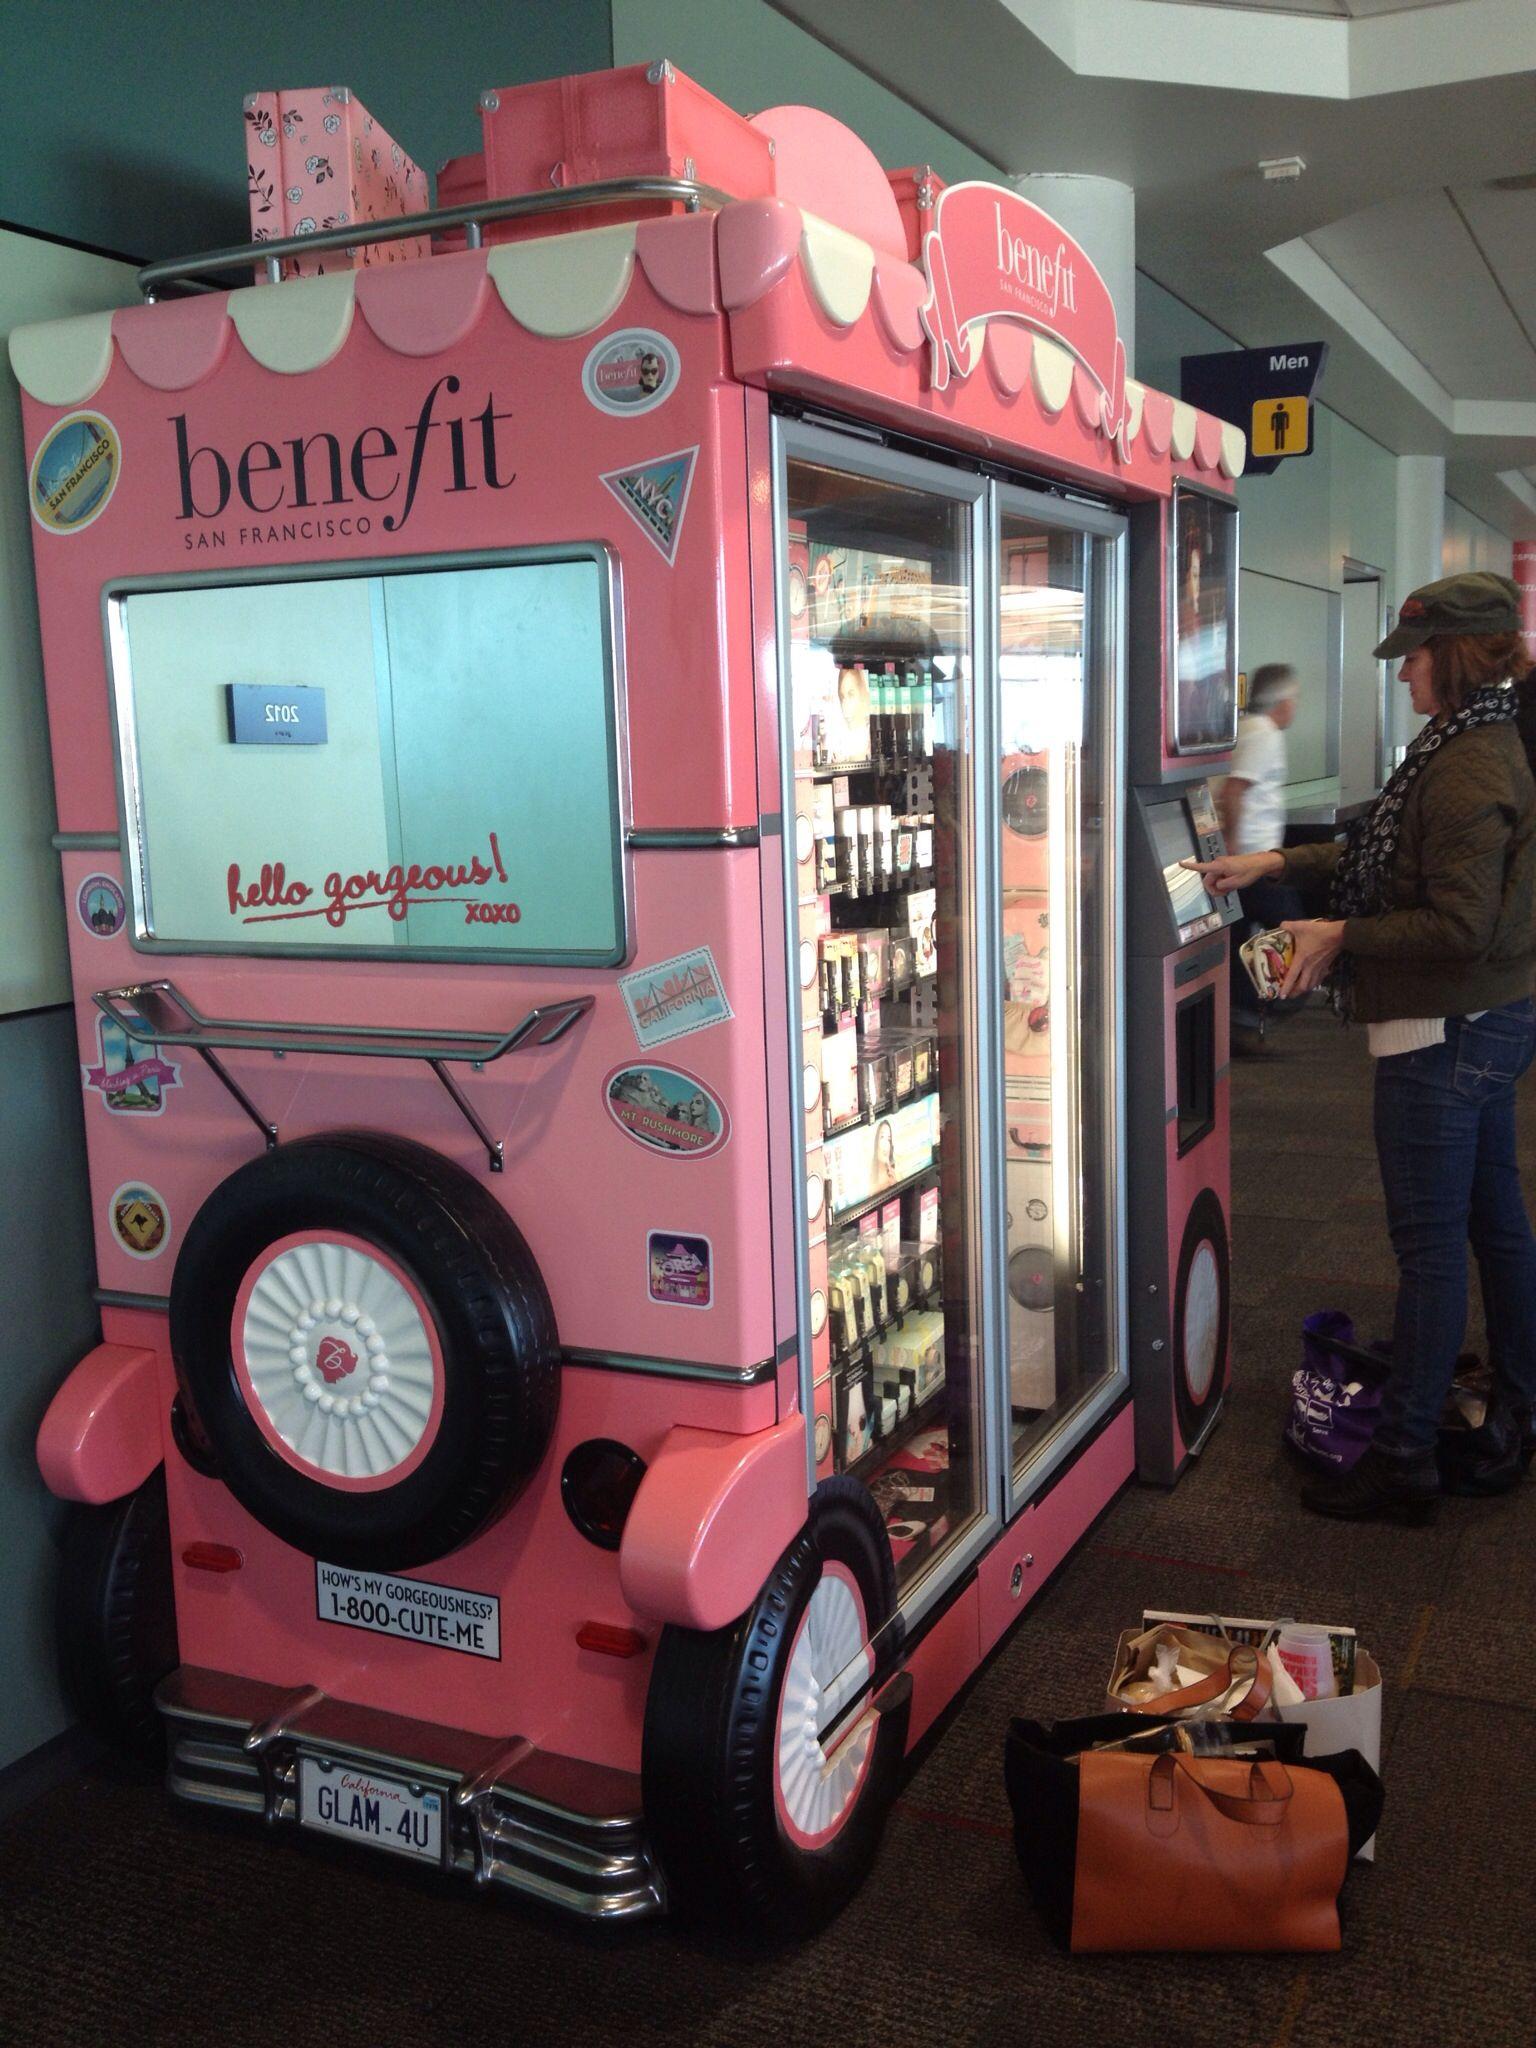 Genius! This little vending machine (Benefit Cosmetics